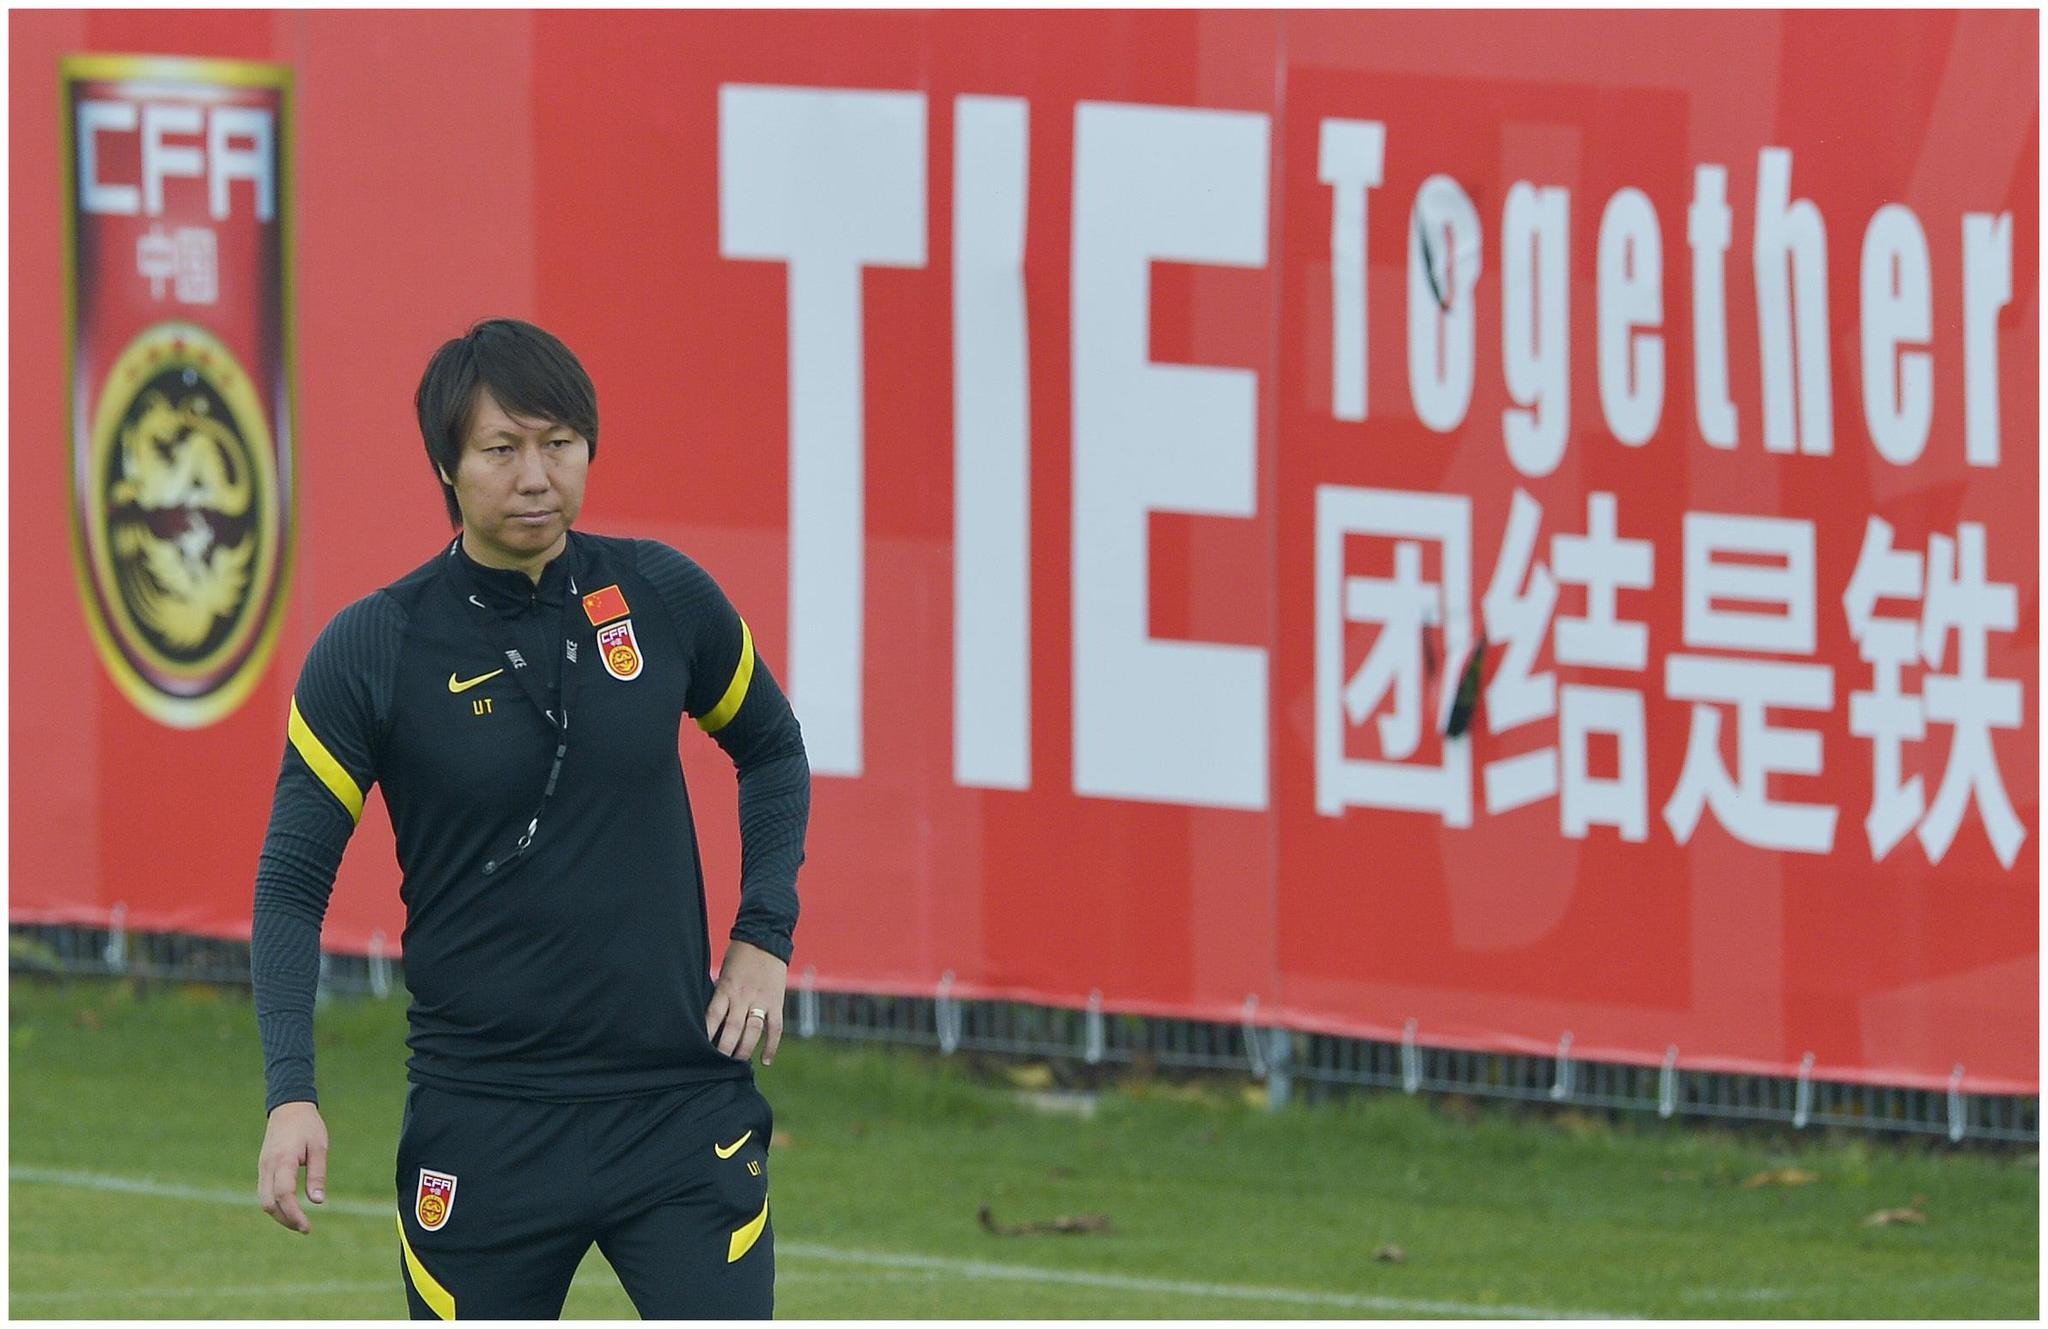 中超遥遥无期 国家队关闭角逐 中国足球依旧不行见